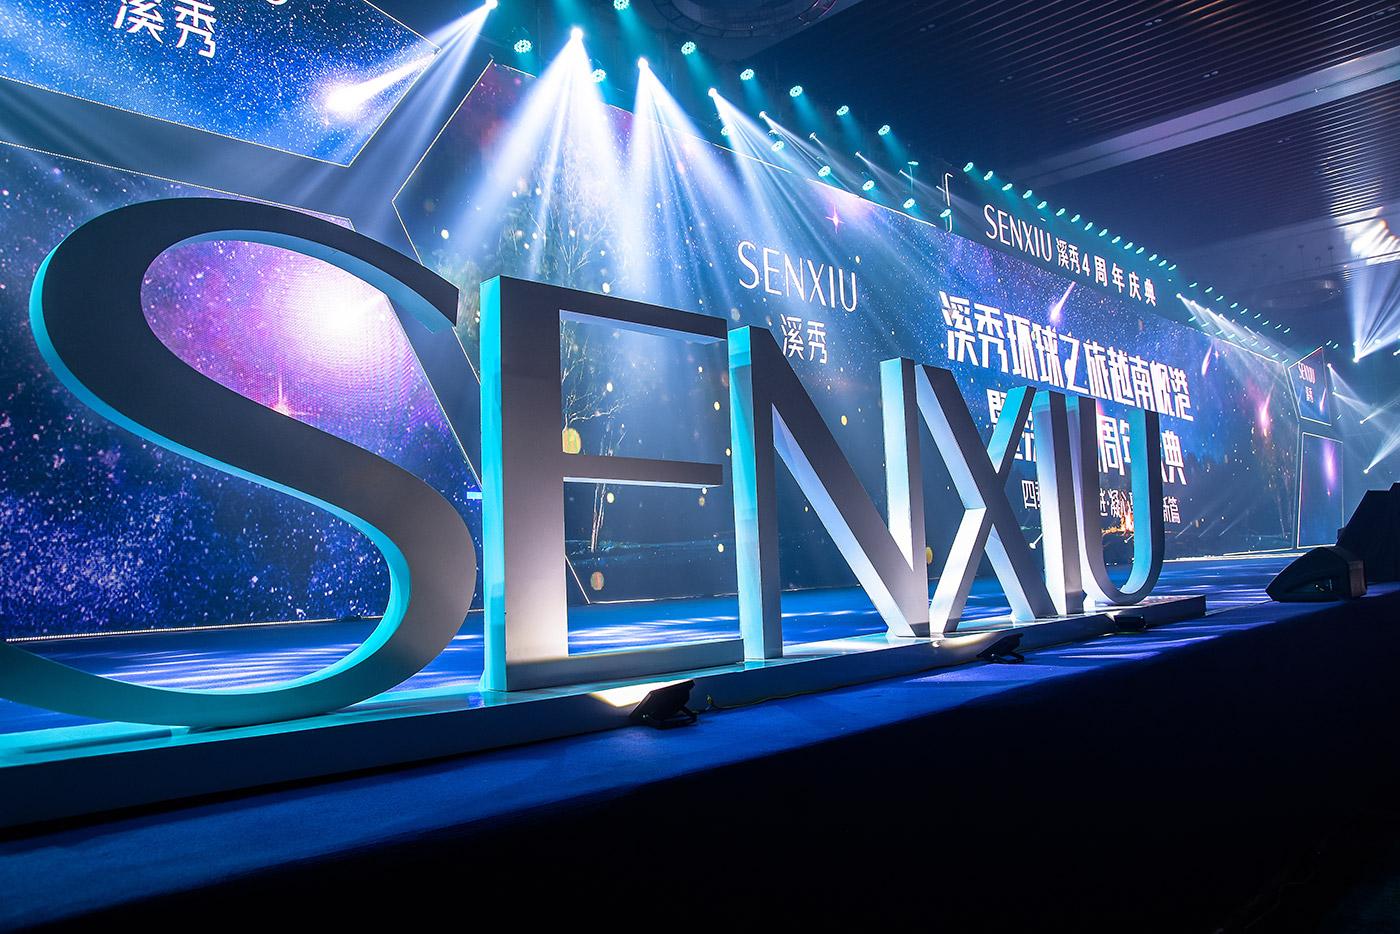 SENXIU'S FOUR-YEAR ANNIVERSARY